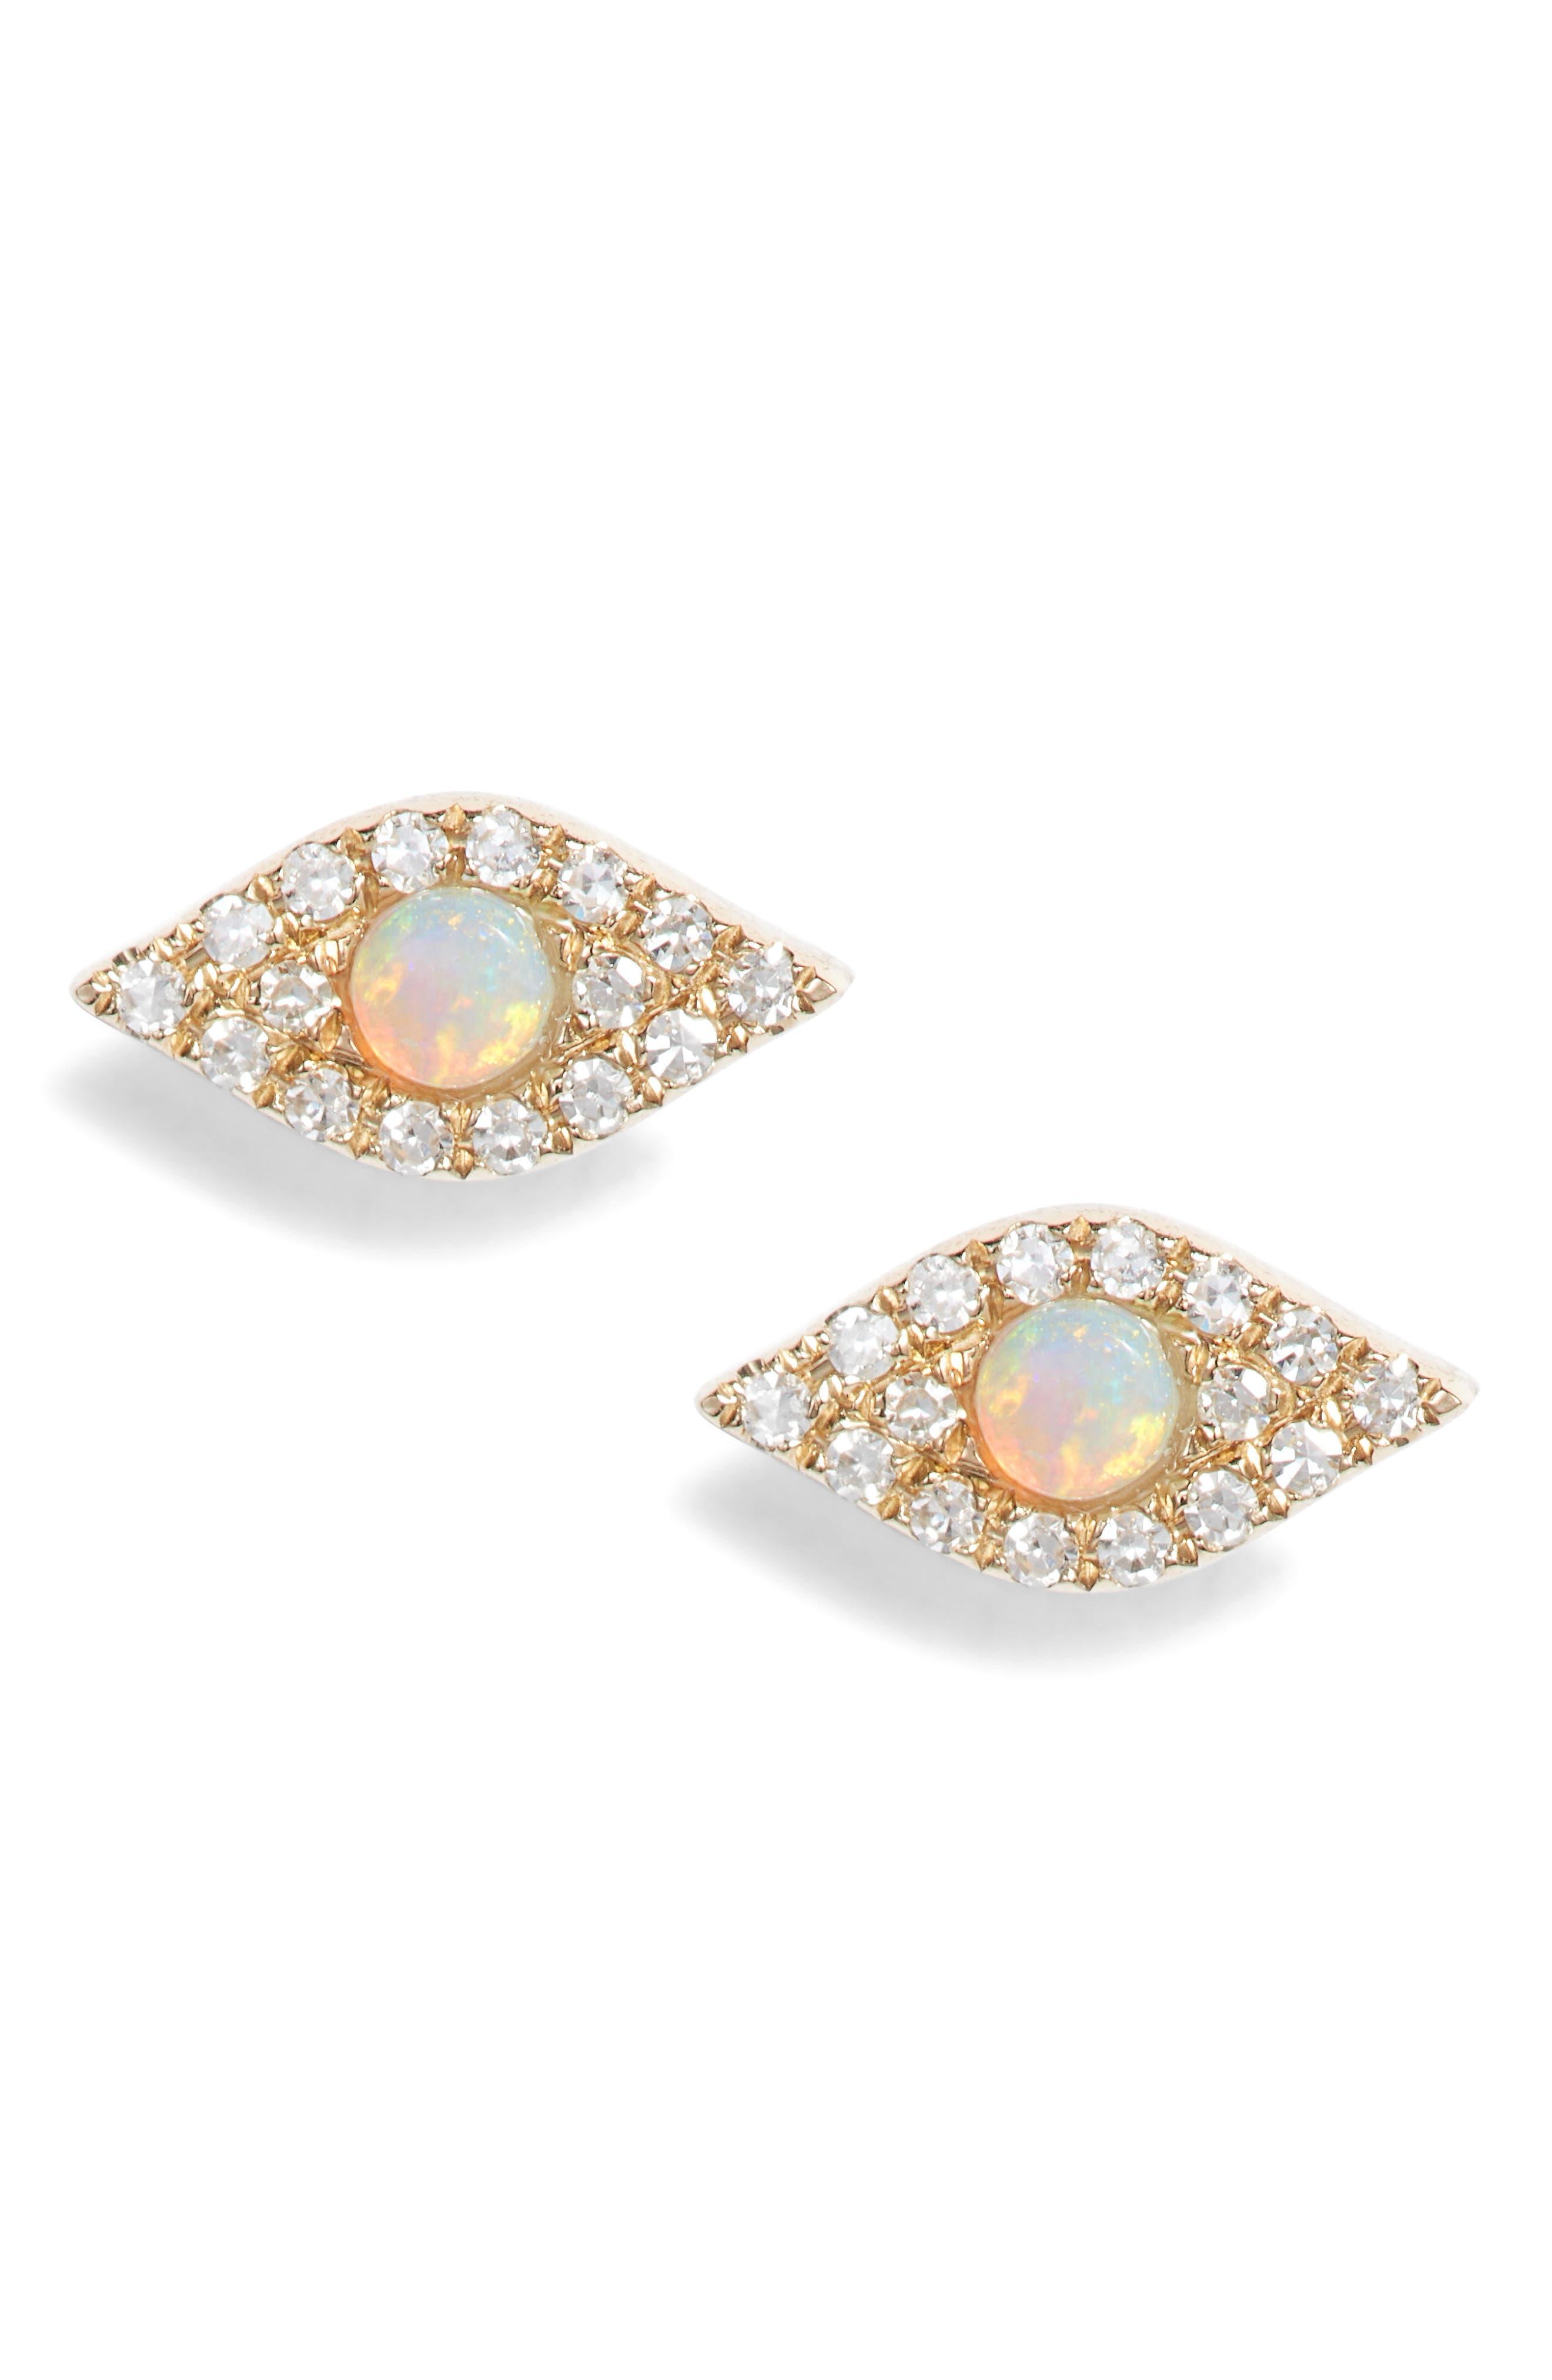 Evil Eye Diamond & Opal Stud Earrings,                             Main thumbnail 1, color,                             Yellow Gold/ Opal